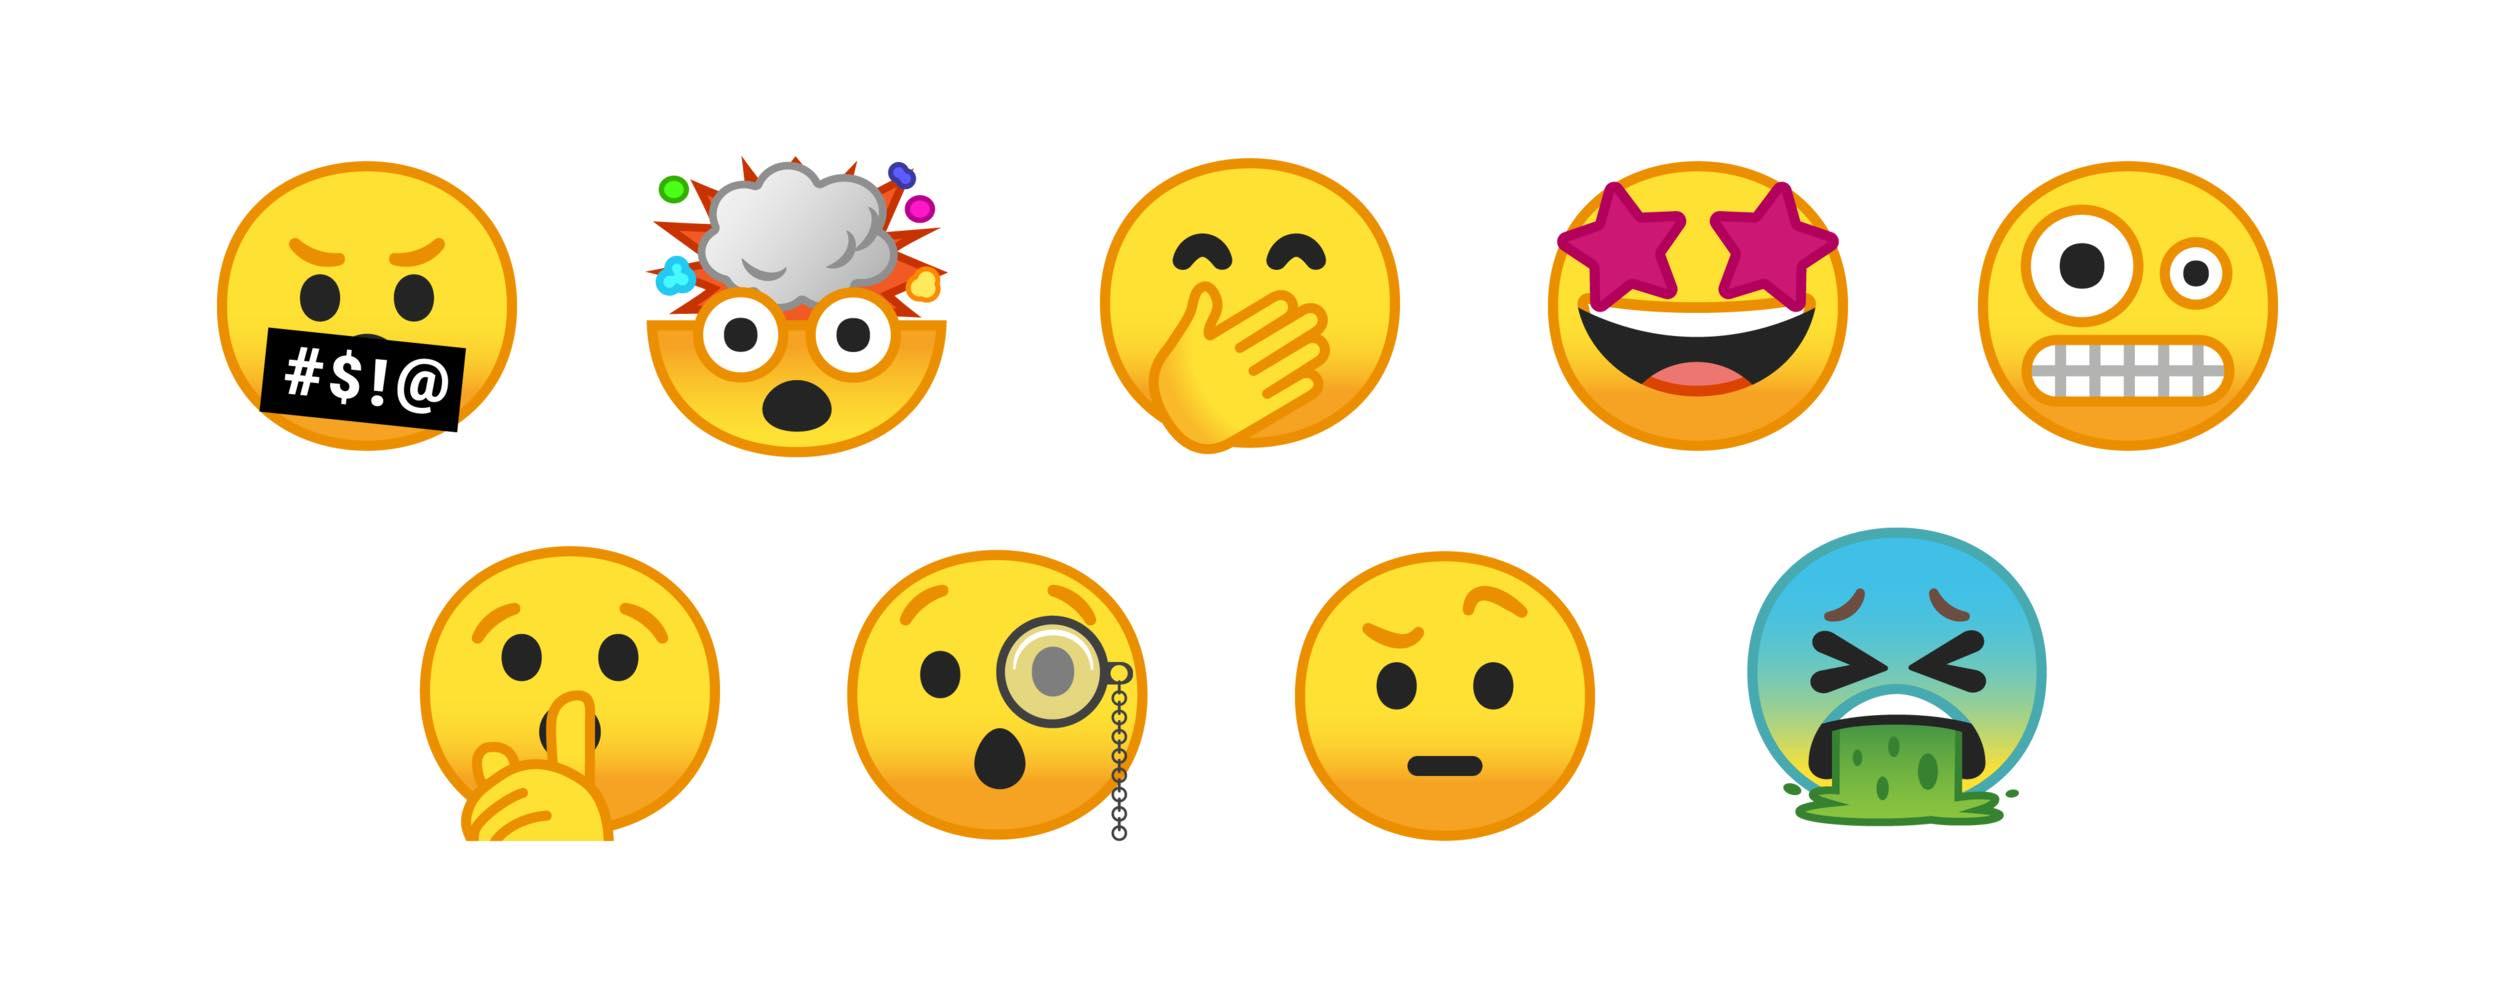 Google veut régler le problème de fragmentation des emojis sur Android